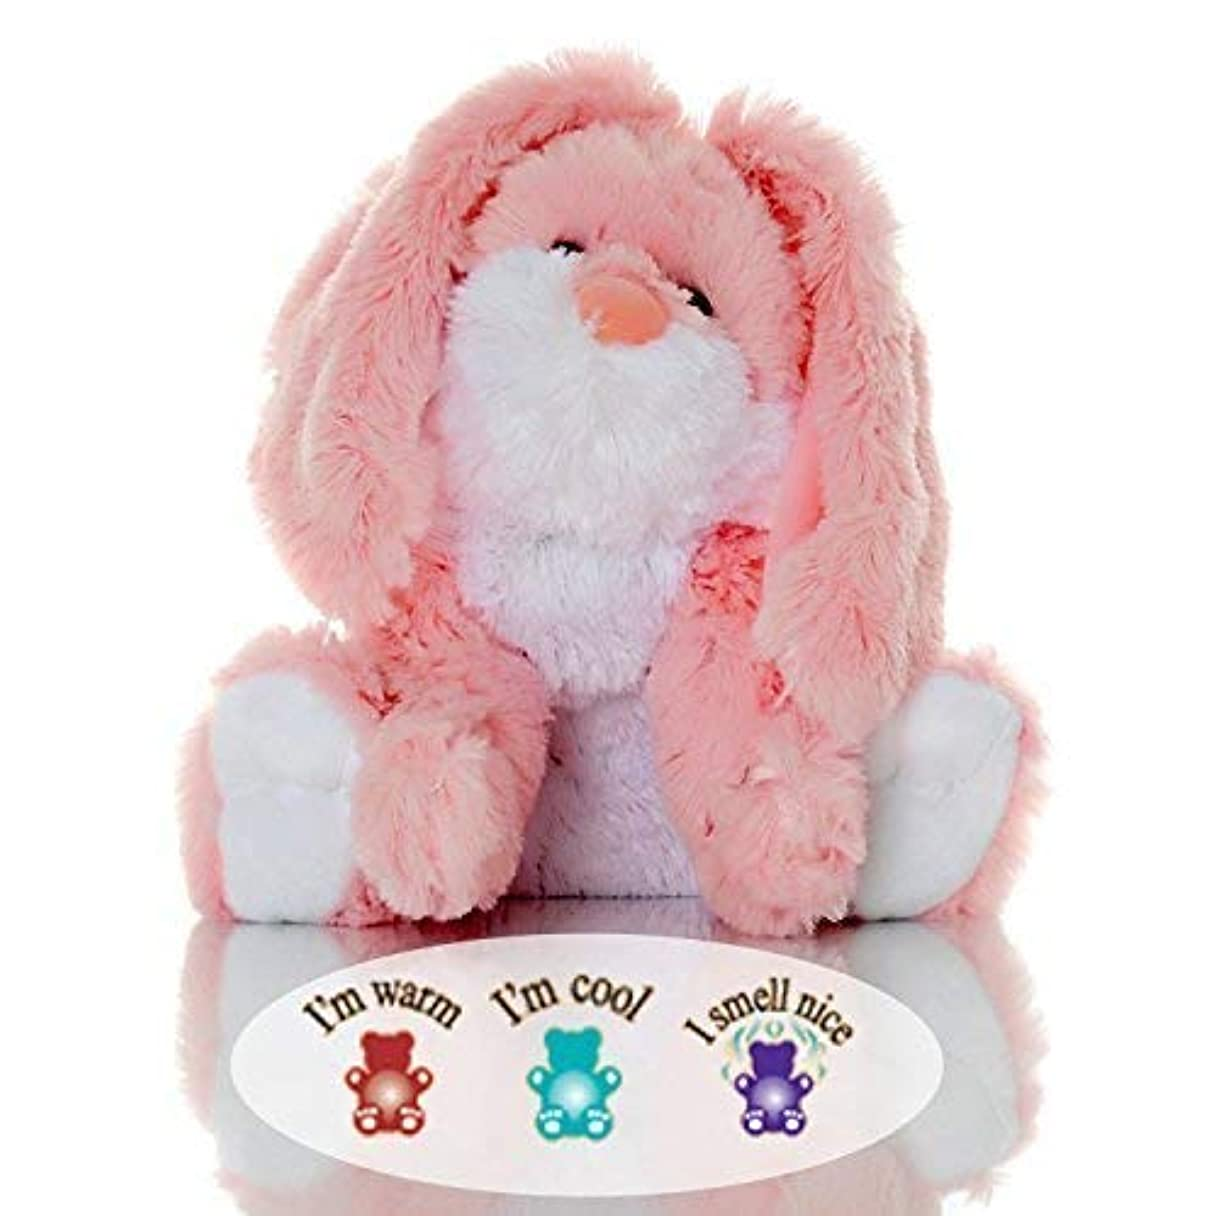 打撃ご覧ください五月Sootheze Rosey Bunny Rabbit - Microwavable Stuffed Animal - Weighted Lavender Scented Aromatherapy - Hot and Cold Therapy - 10.5